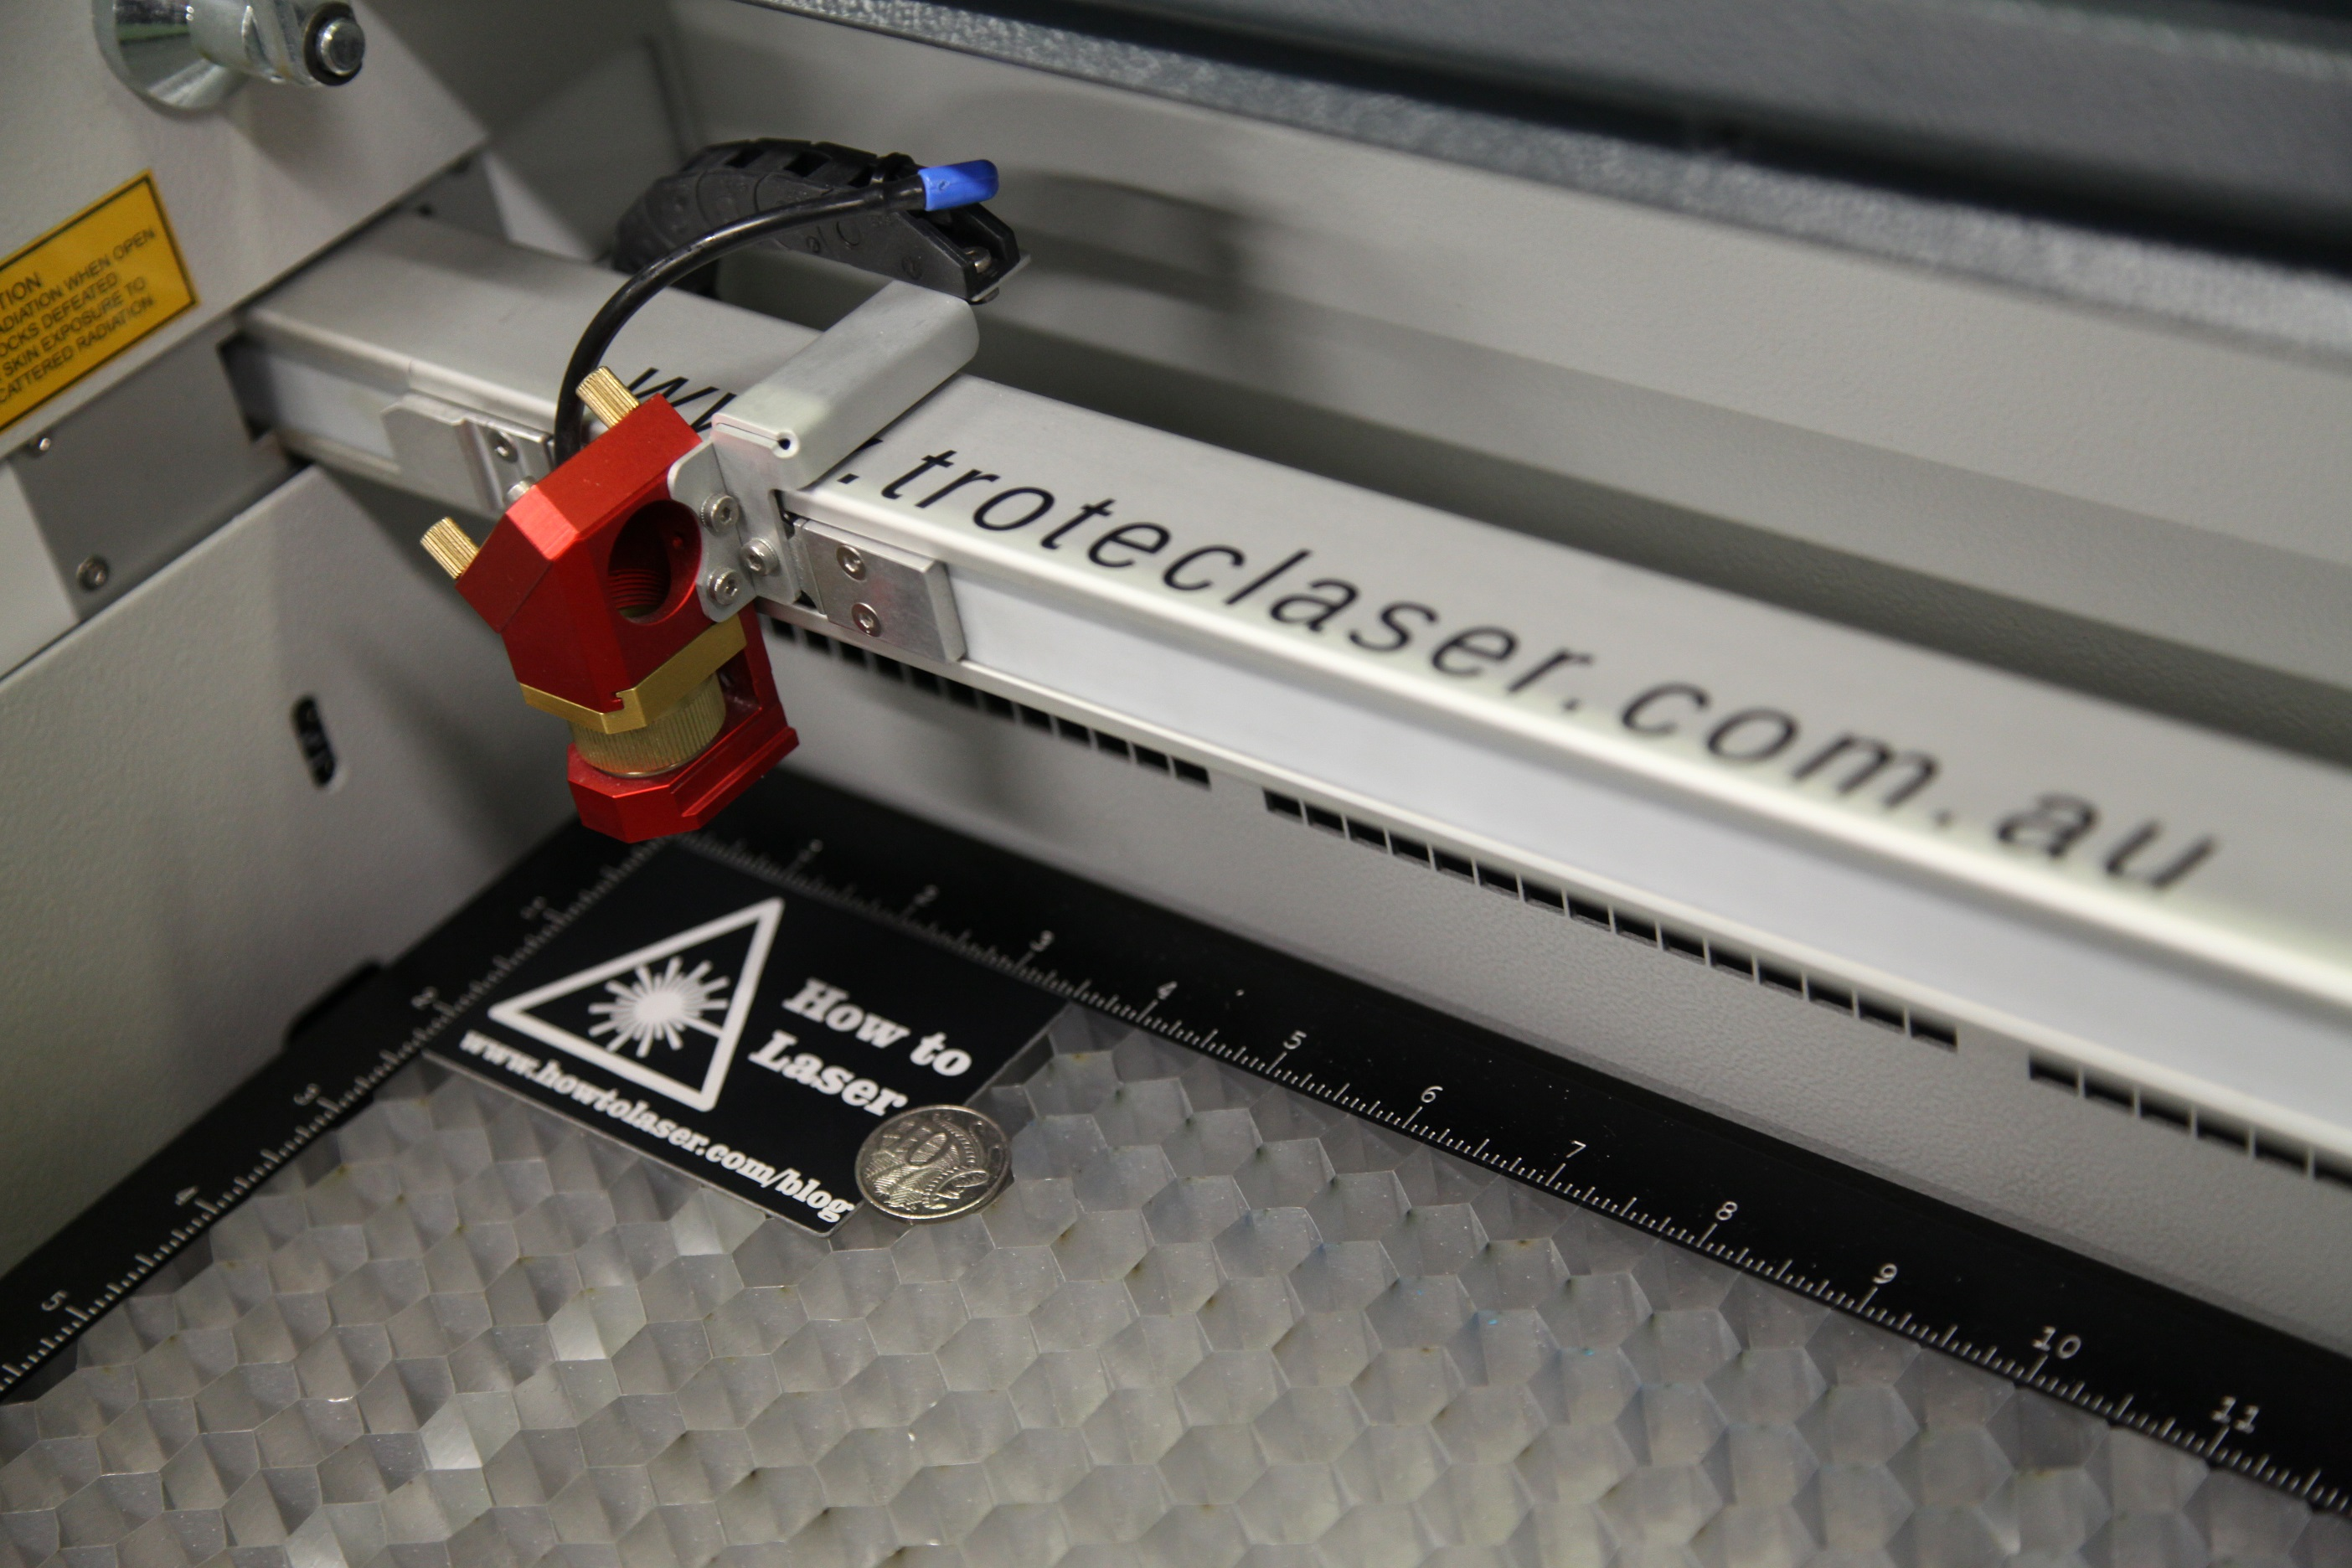 Anodized Aluminium Engraving